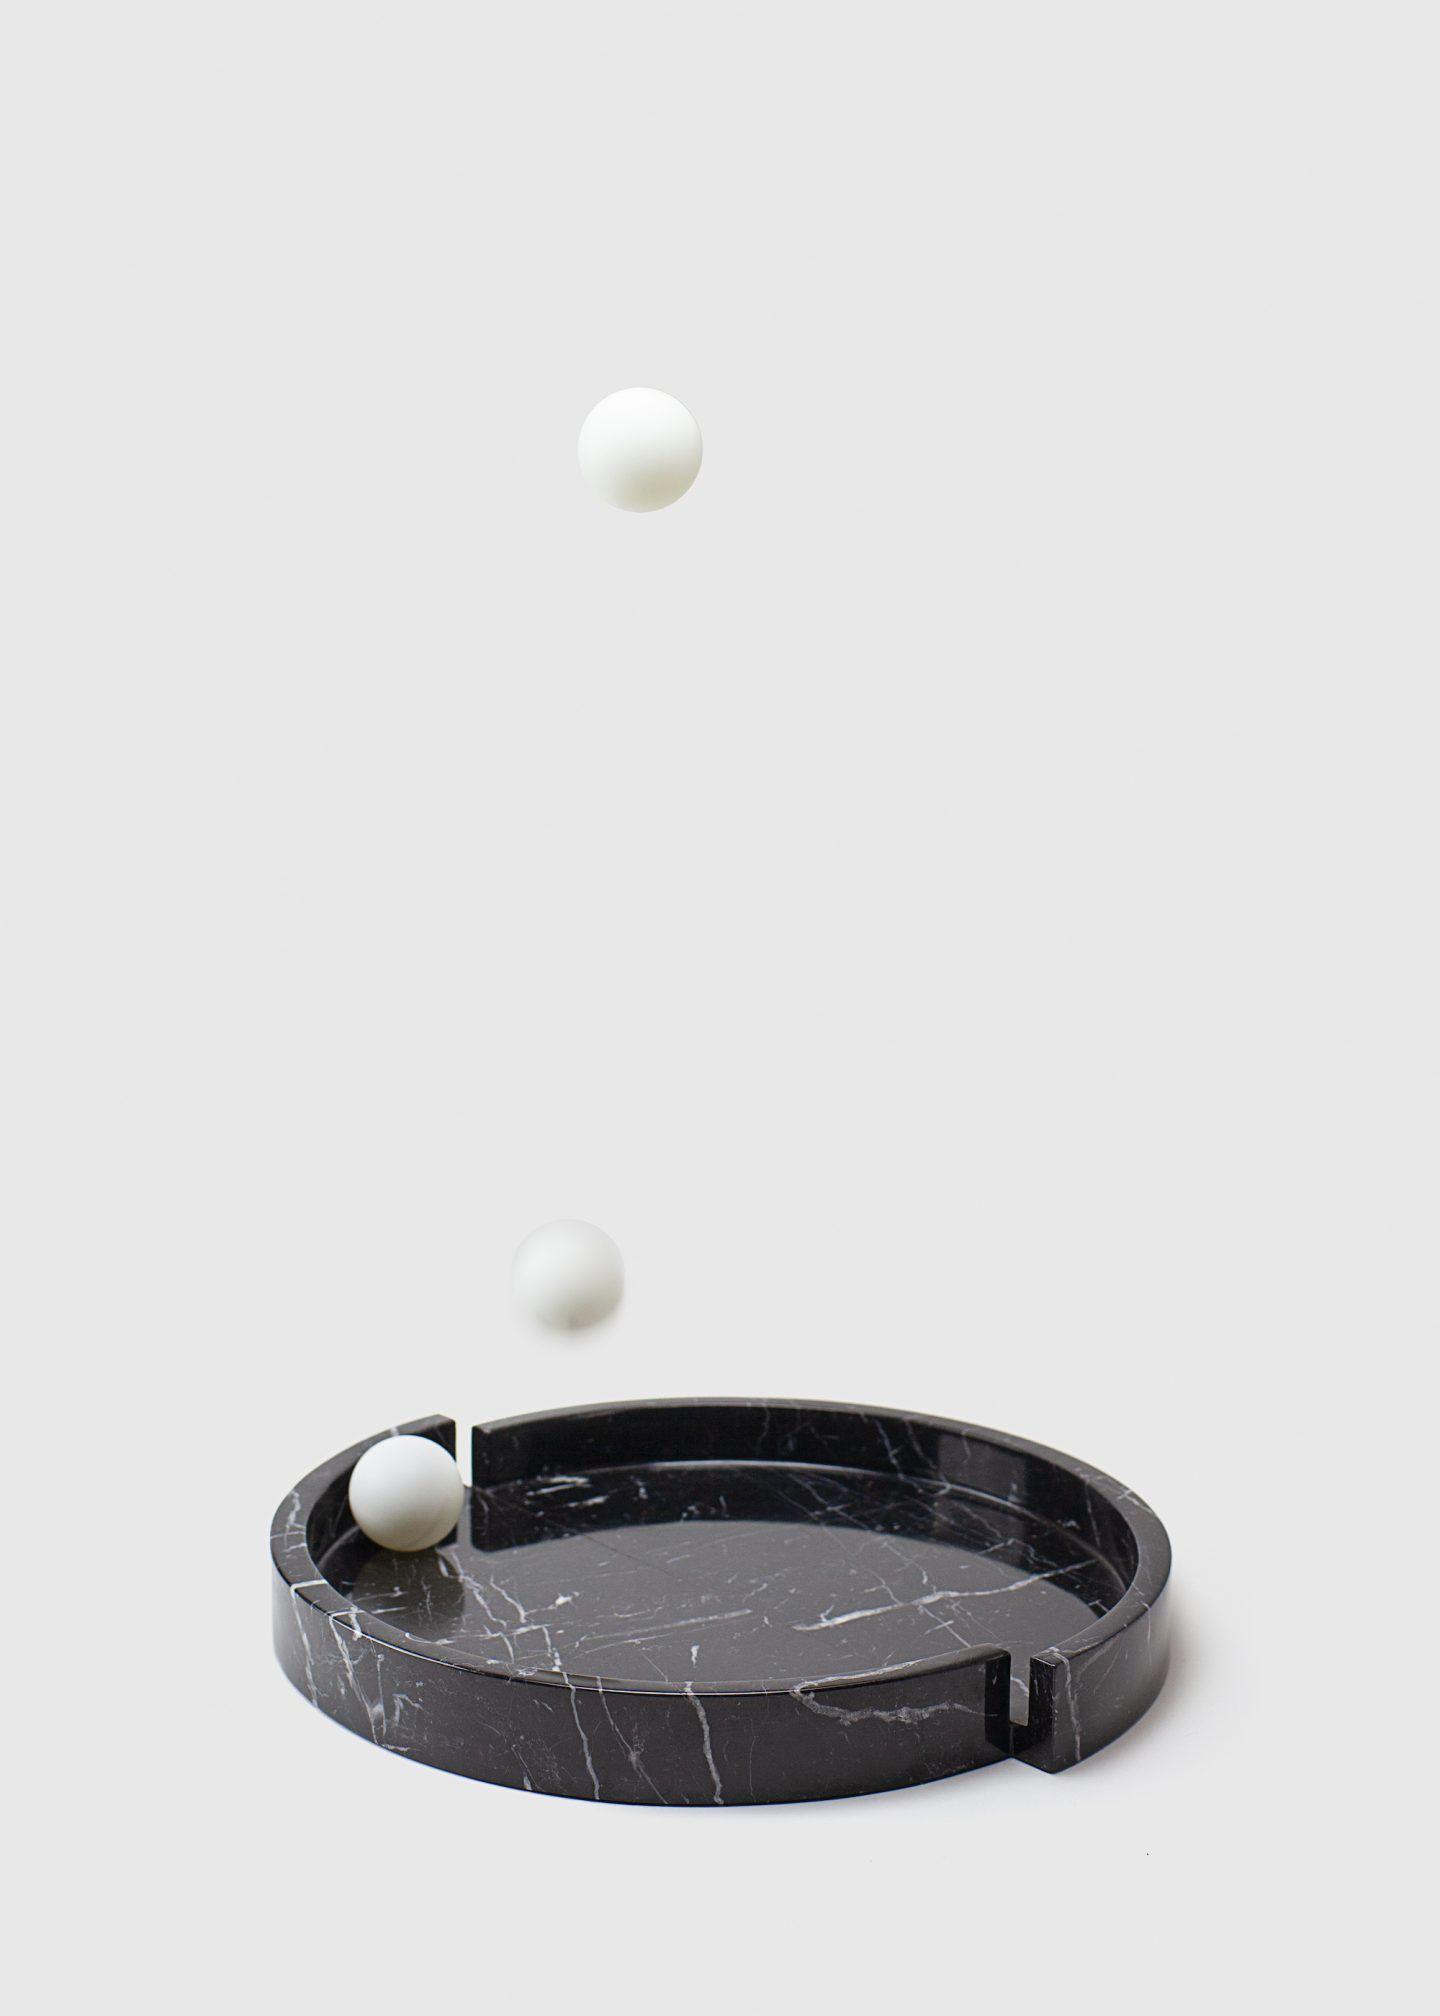 IGNANT-Design-Sandro-Lopez-011